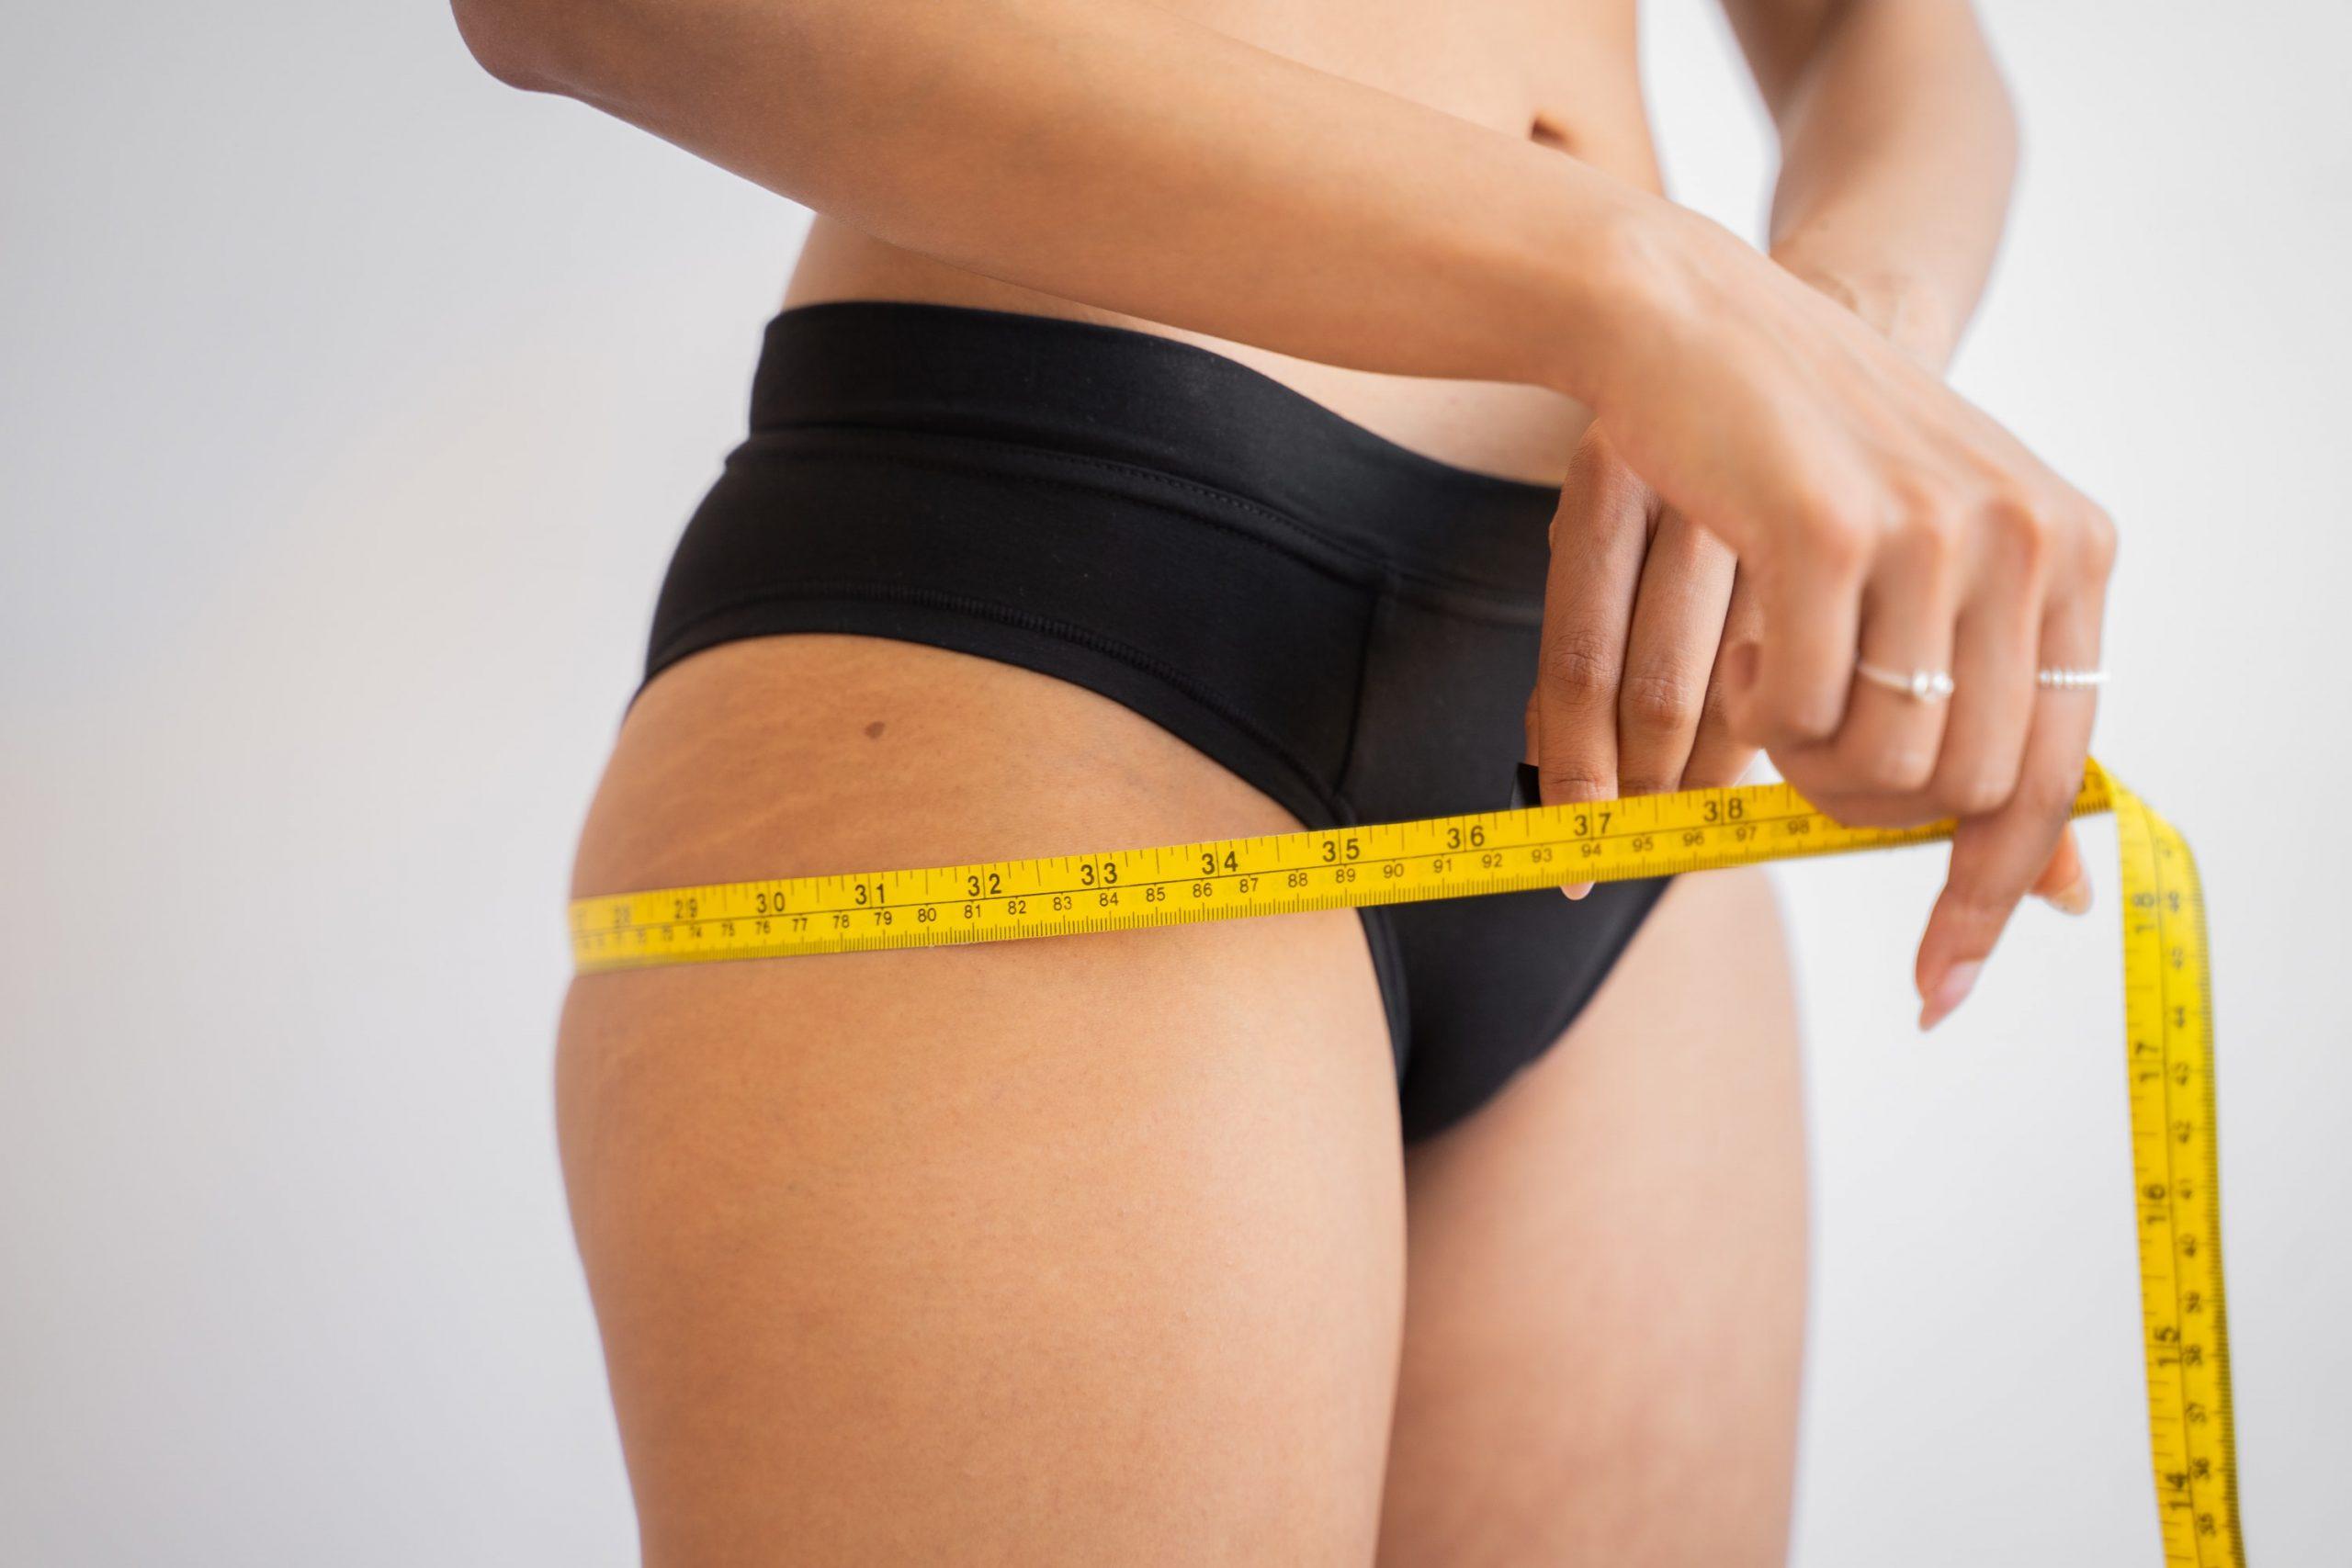 Woman in underwear using measuring tape